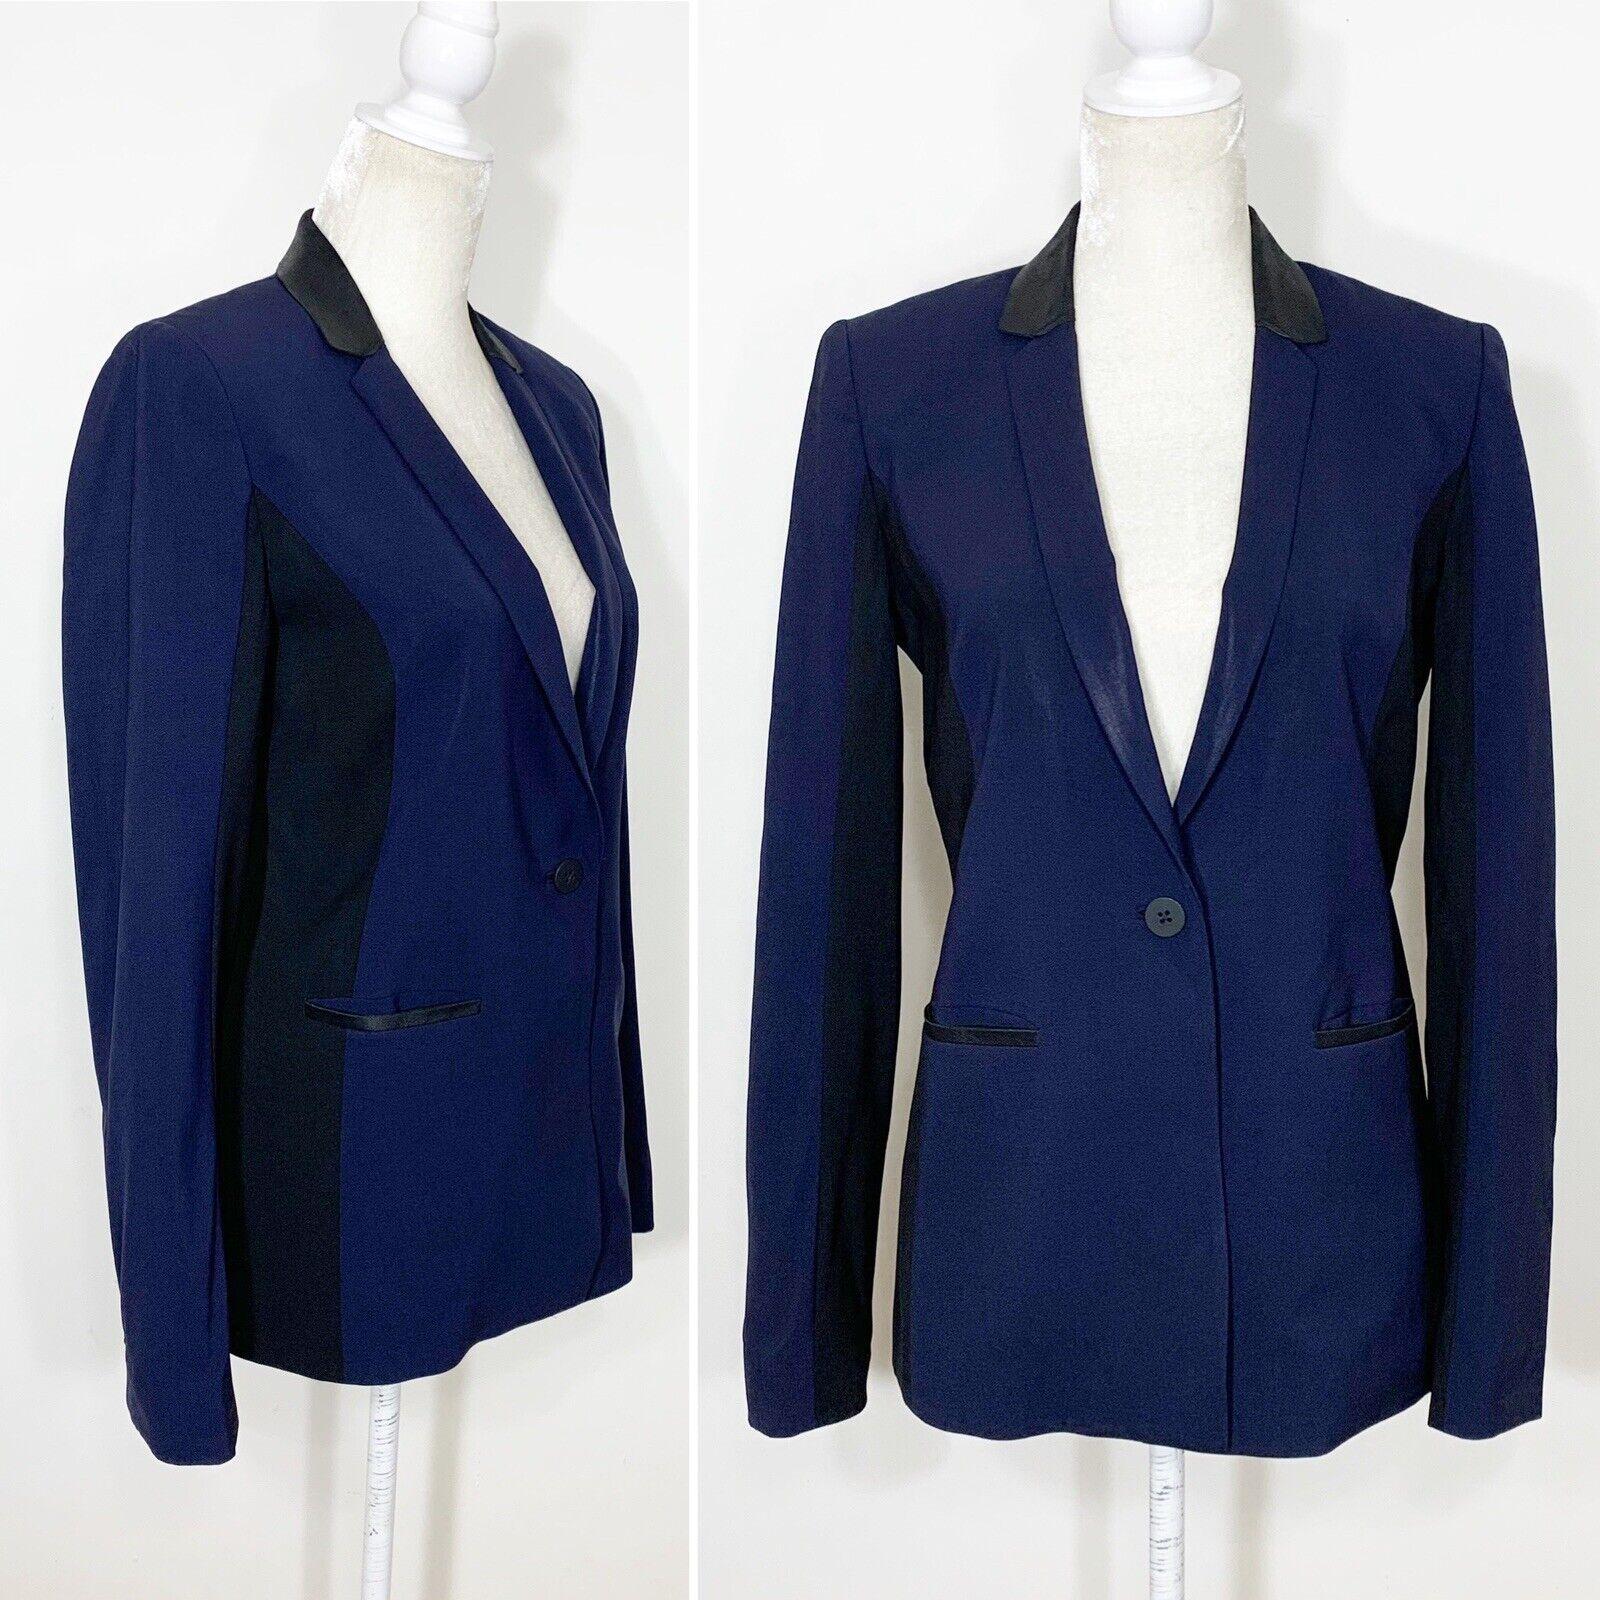 Elie Tahari en Colors  vivos Tapicería de Cuero Negro Azul Marino Chaqueta Blazer De Lana Ajustada 6  barato y de moda